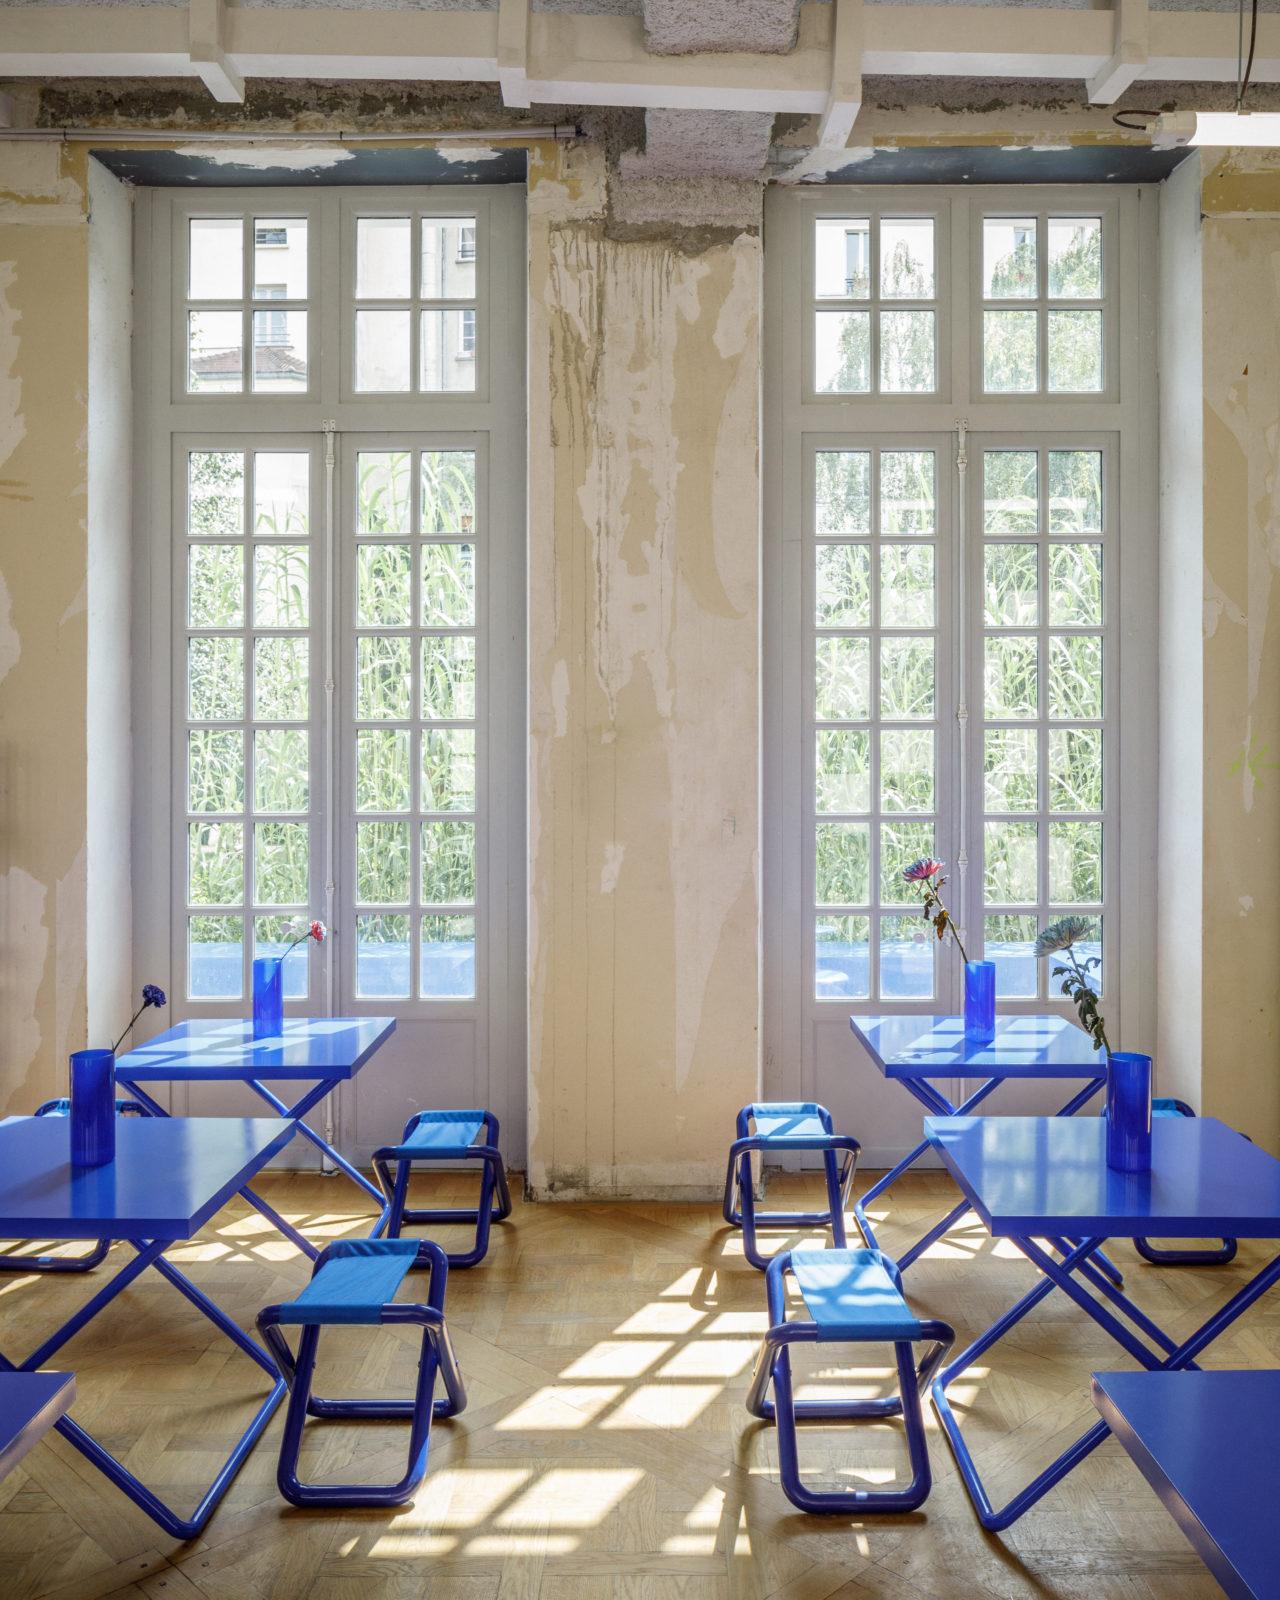 Florent MICHEL_11H45 CROSBY CAFÉ